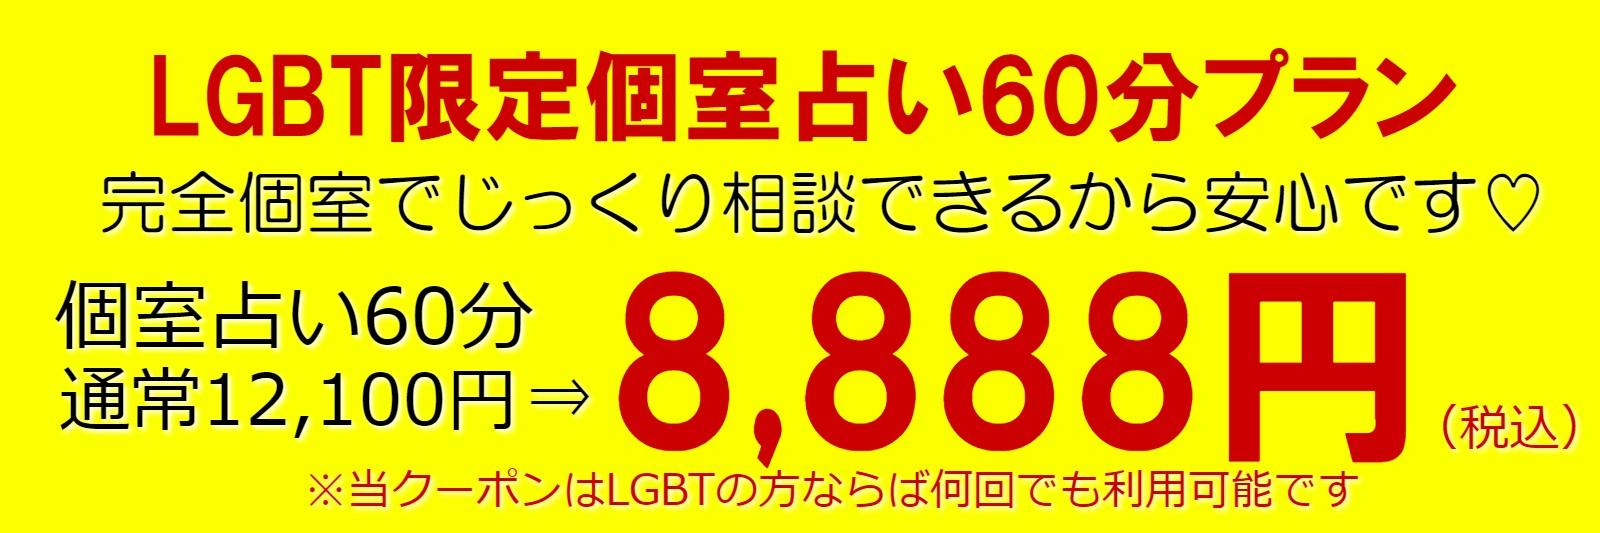 東京都渋谷区でLGBT(同性愛・性同一性障害・両性愛)の方の恋愛・結婚・仕事・人間関係などのご相談は完全個室完備で秘密厳守の占い館ビーカフェにお任せください